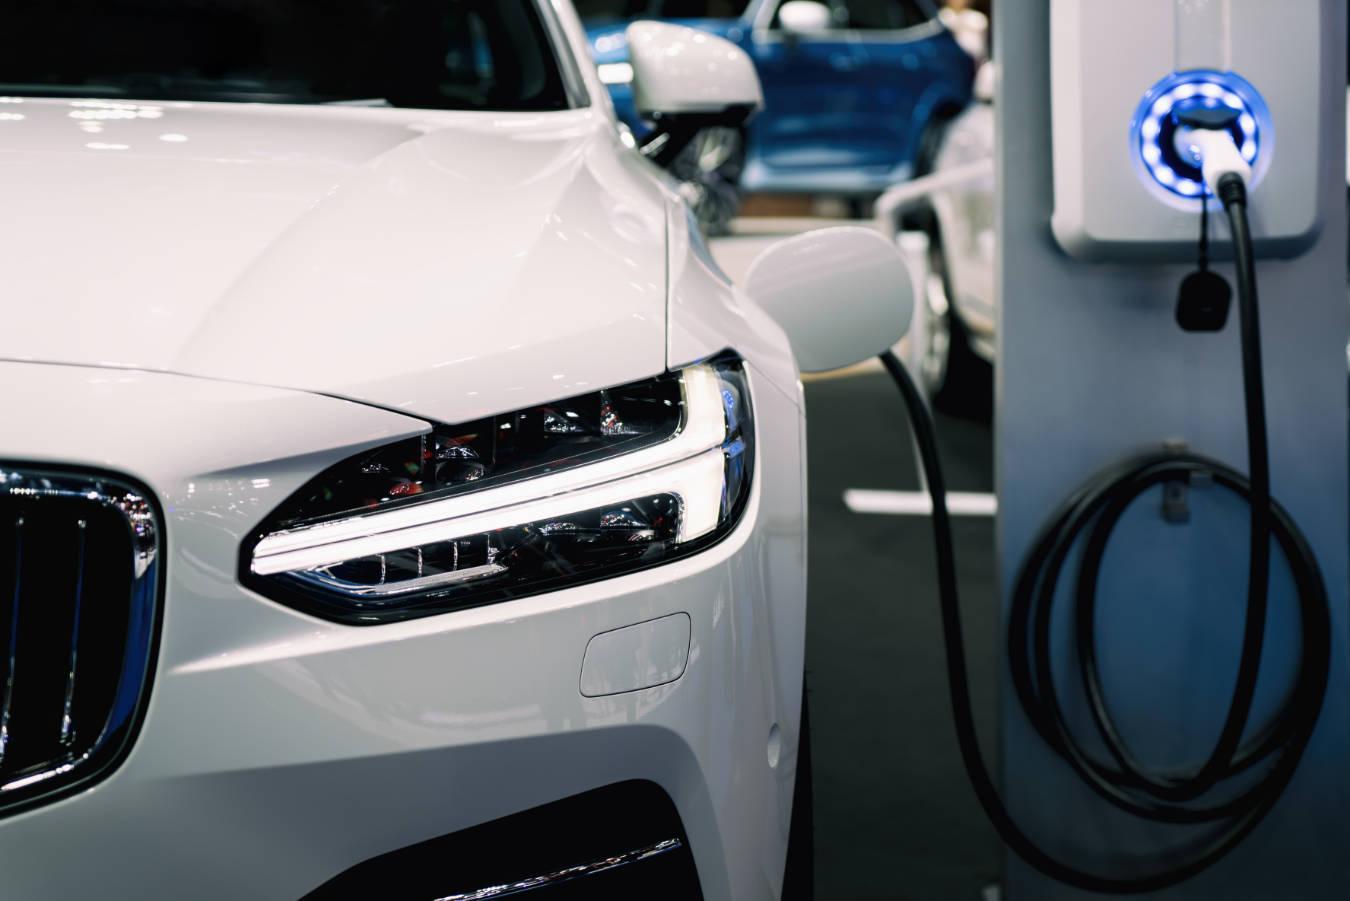 Samochody elektryczne – co warto wiedzieć przed zakupem? Jakie są zalety i wady aut na prąd?